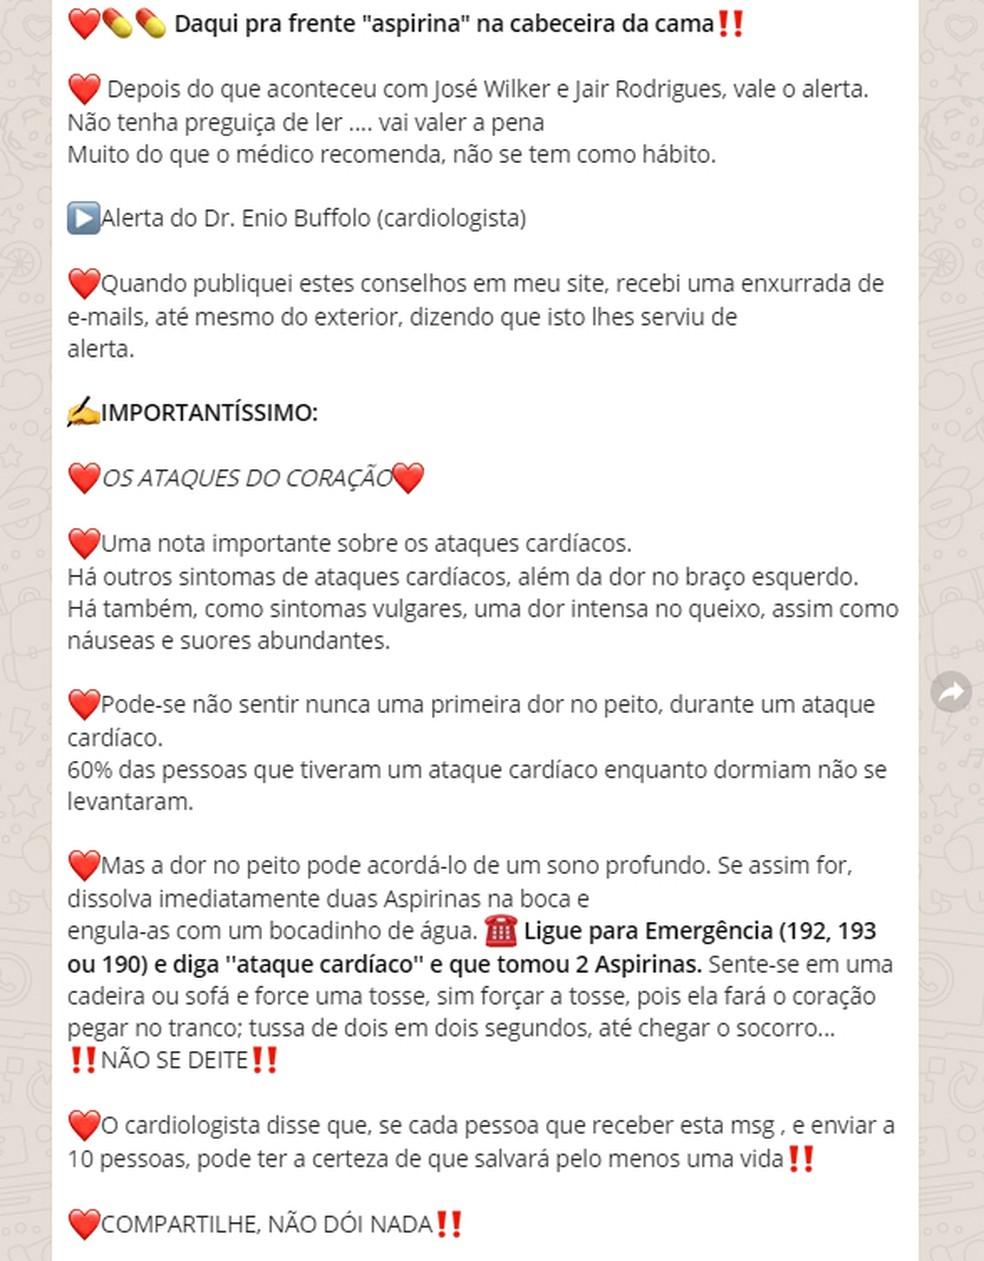 Mensagem sobre providências contra infarto circulam no Whatsapp  (Foto: Reprodução)